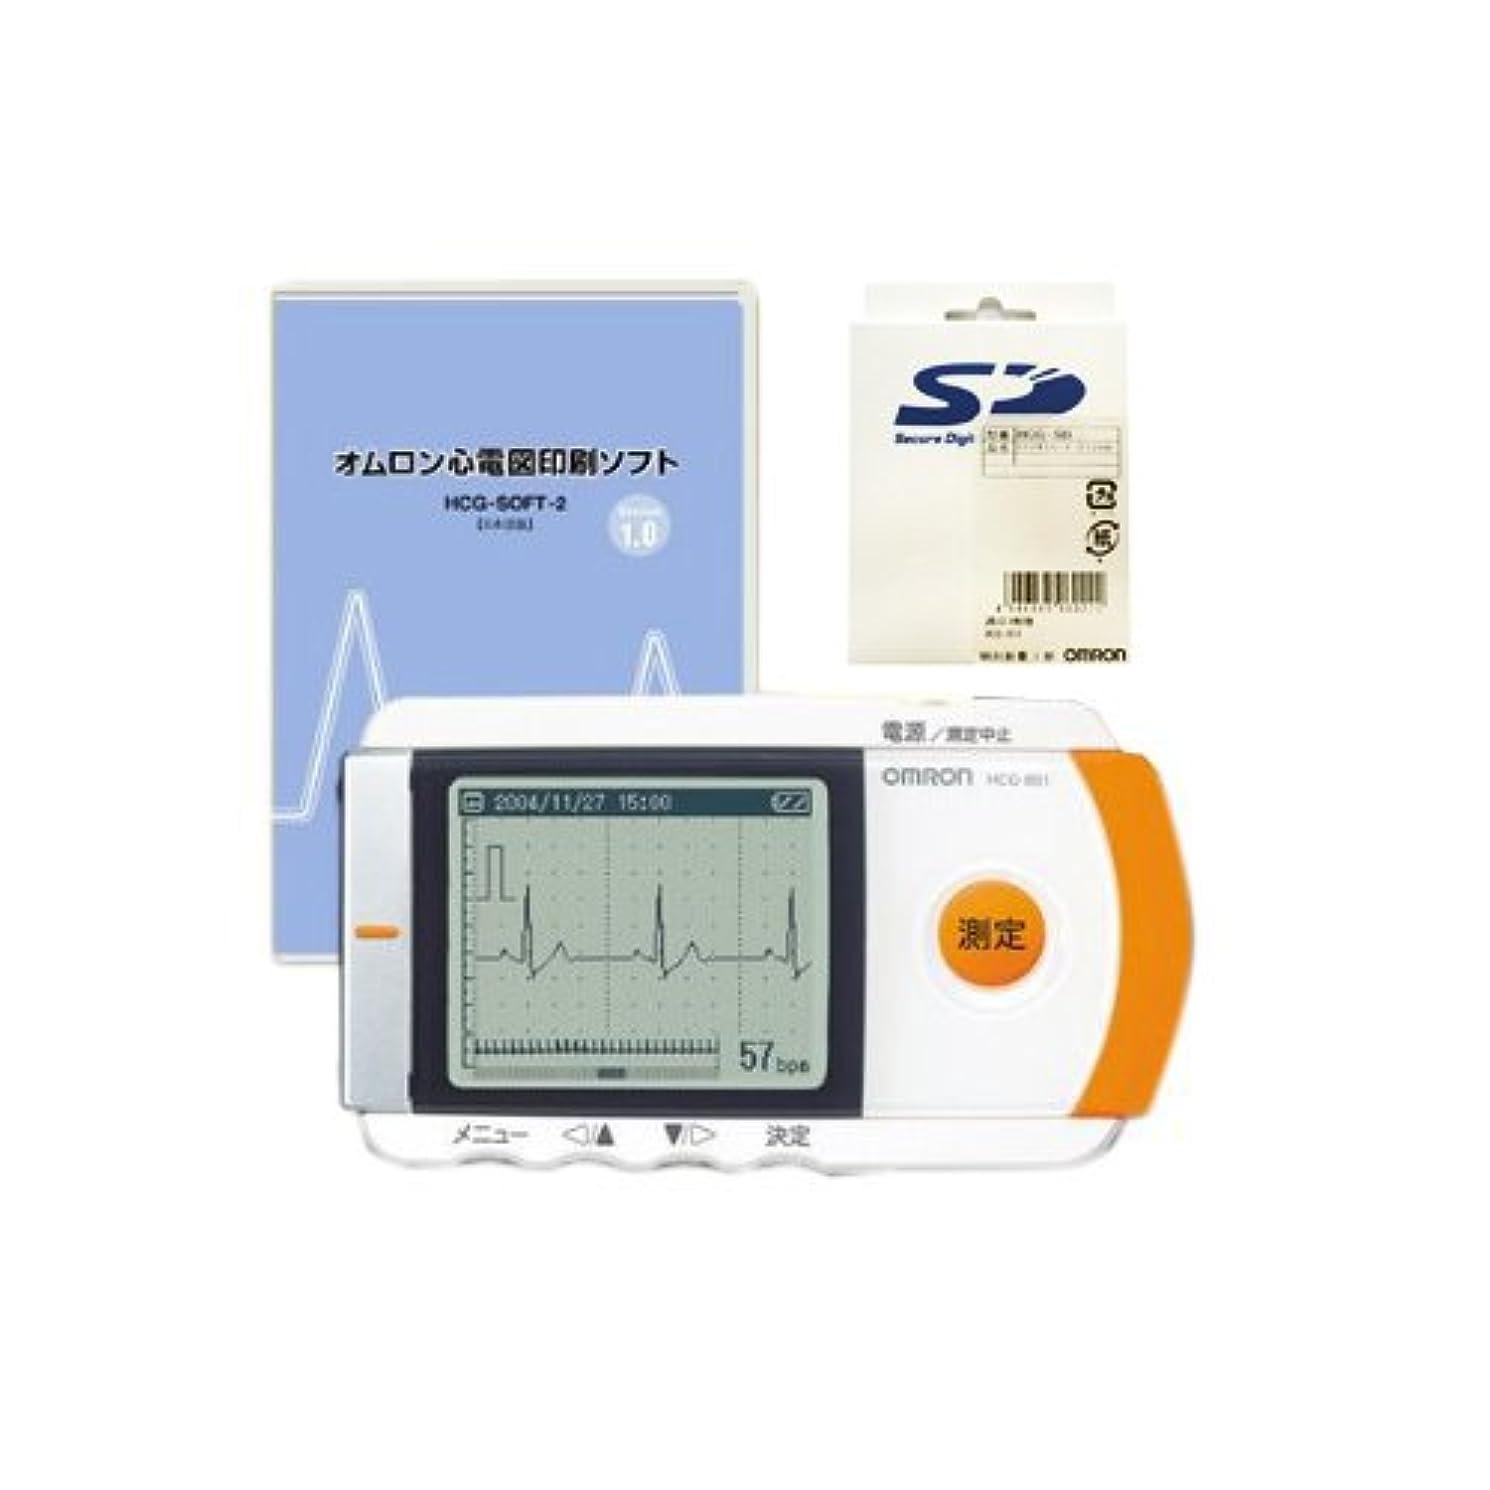 お克服するシャーロックホームズオムロン 携帯型心電計 HCG-801 心電図印刷ソフト+SD (オムロン推奨品SD) セット